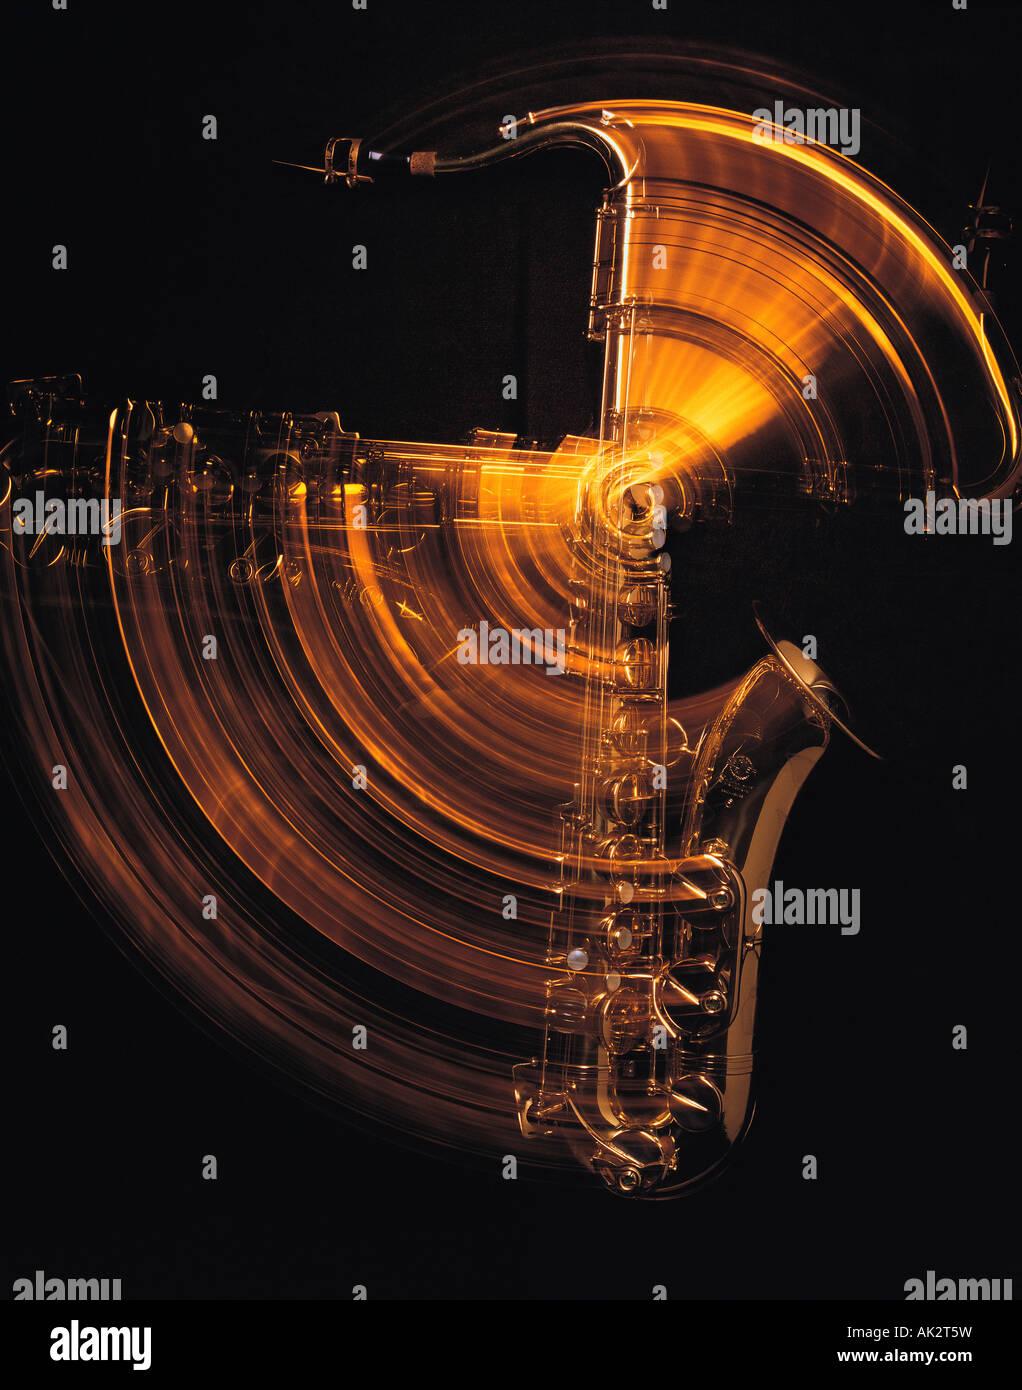 La vie encore. Instrument de musique. Le saxophone. Photo Stock